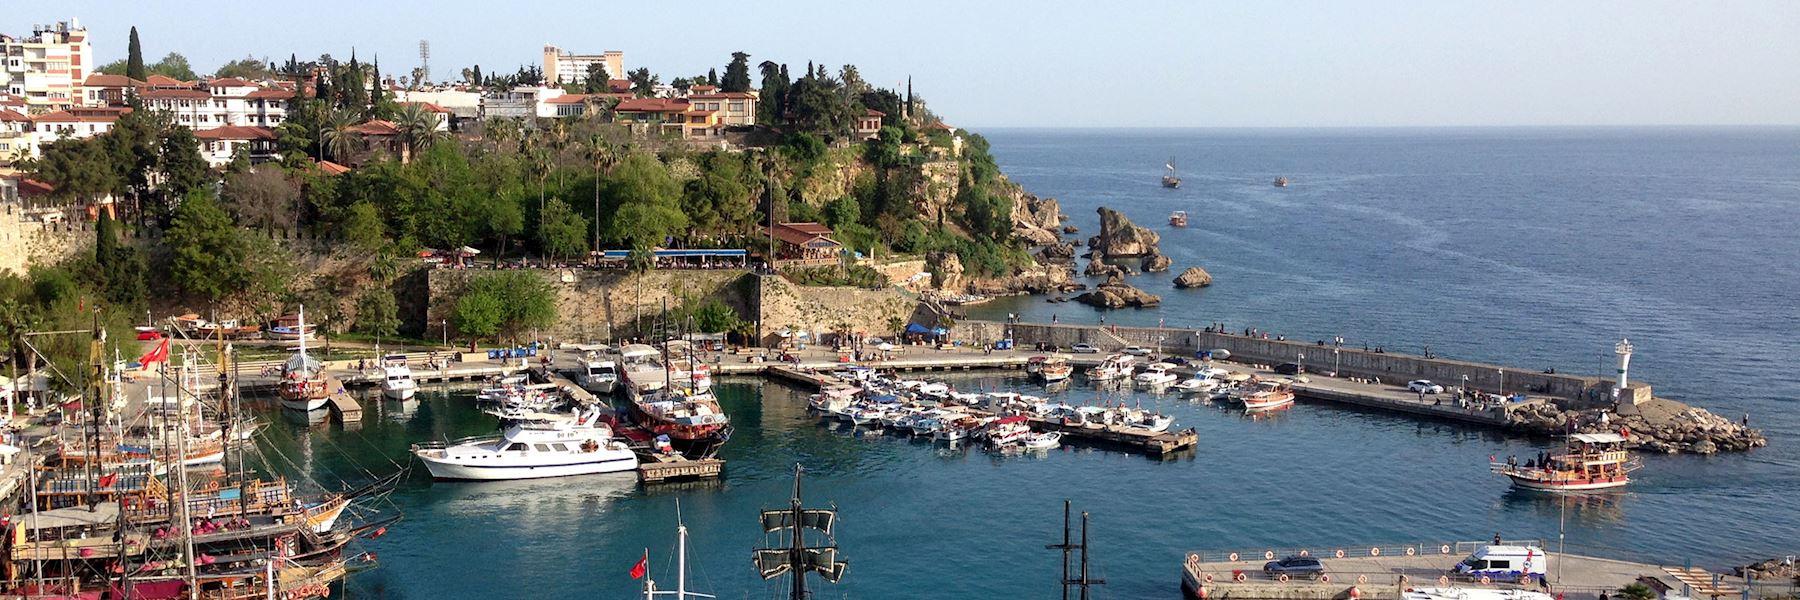 Visit Antalya, Turkey